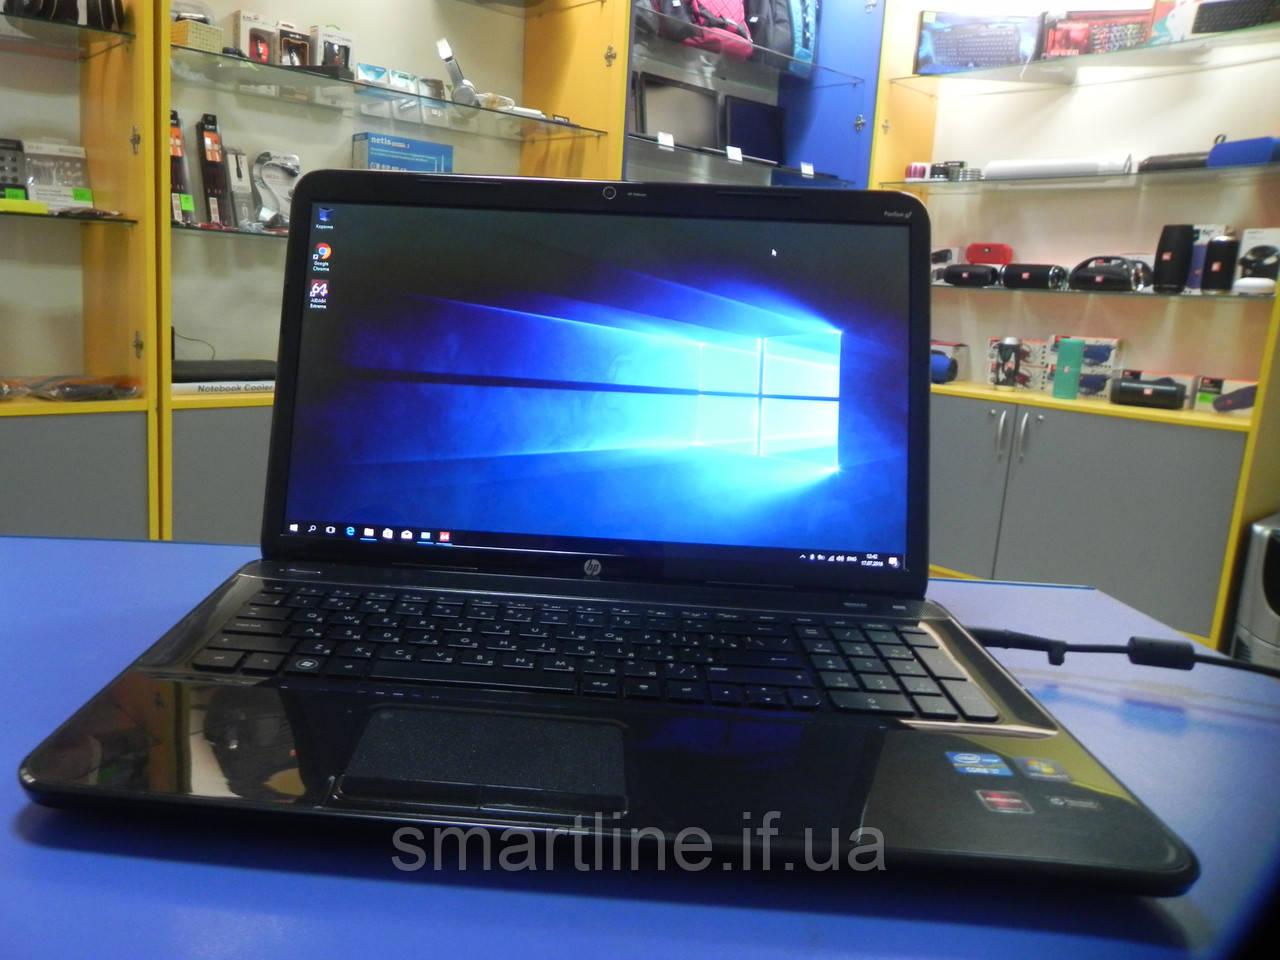 Ігровий ноутбук HP Pavilion G7 | Intel i7 3610QM | ОЗУ 8 Гб | HDD 1Tb|